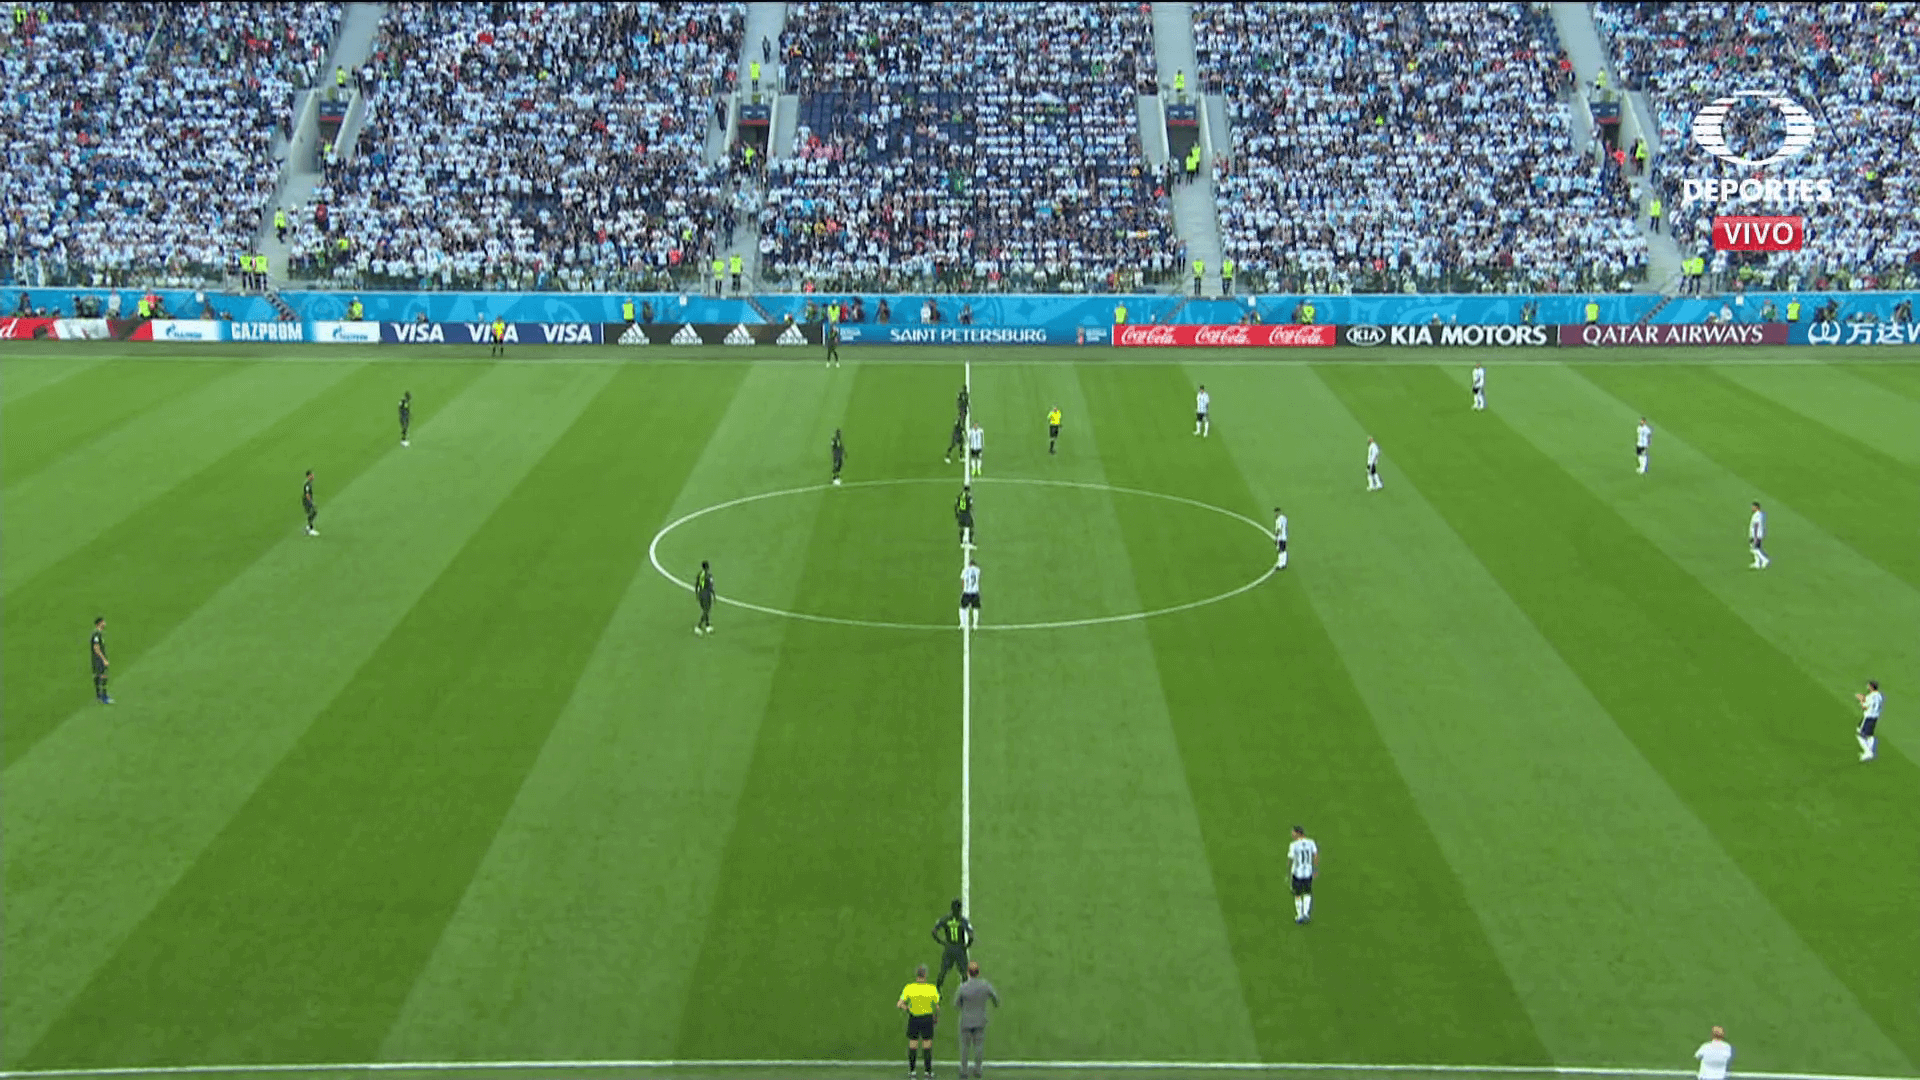 partido Nigeria vs Argentina imagenes